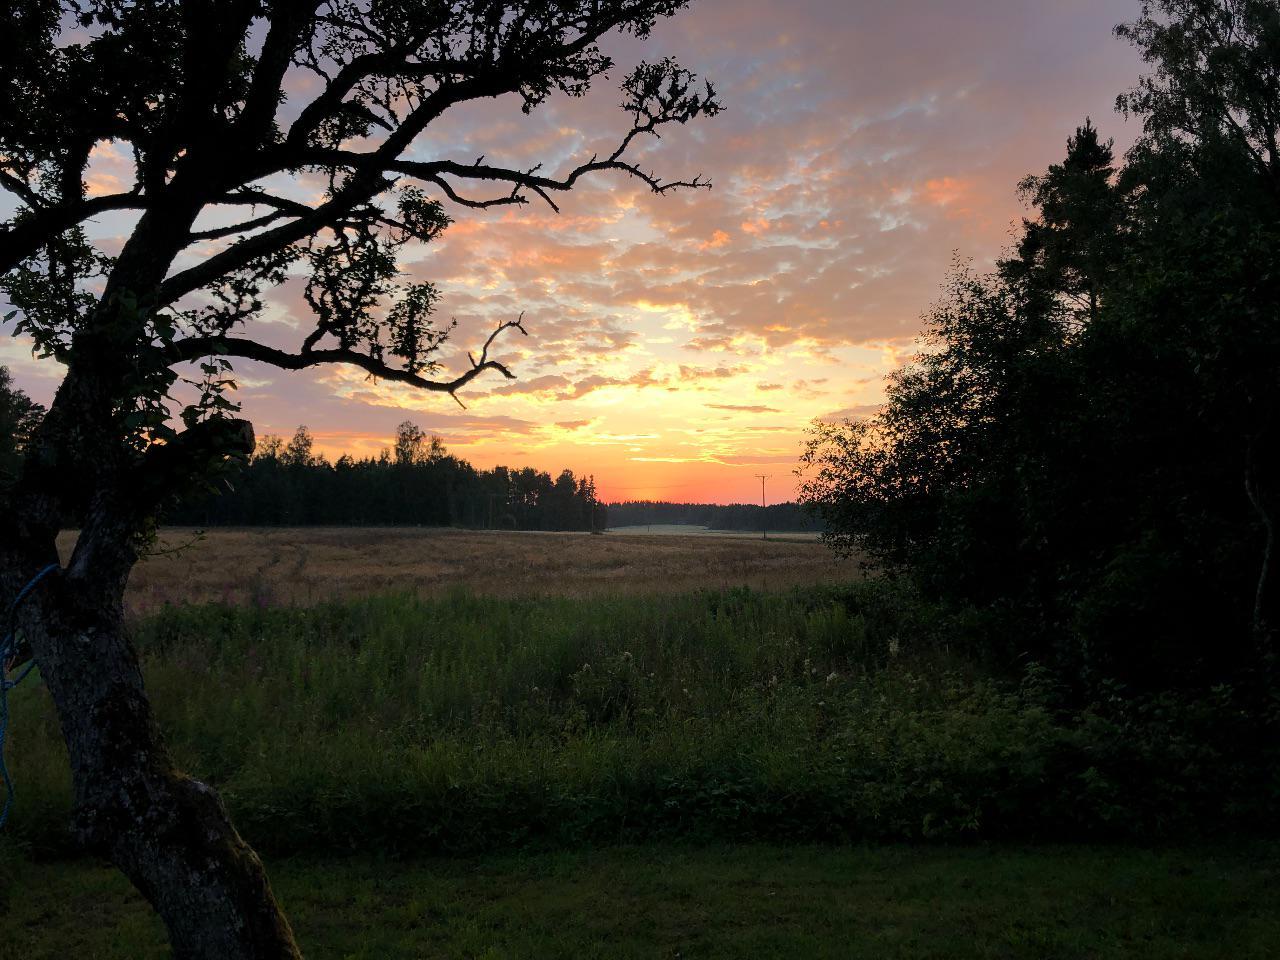 Solnedgång vid Laggartorp 16 juli 2020.